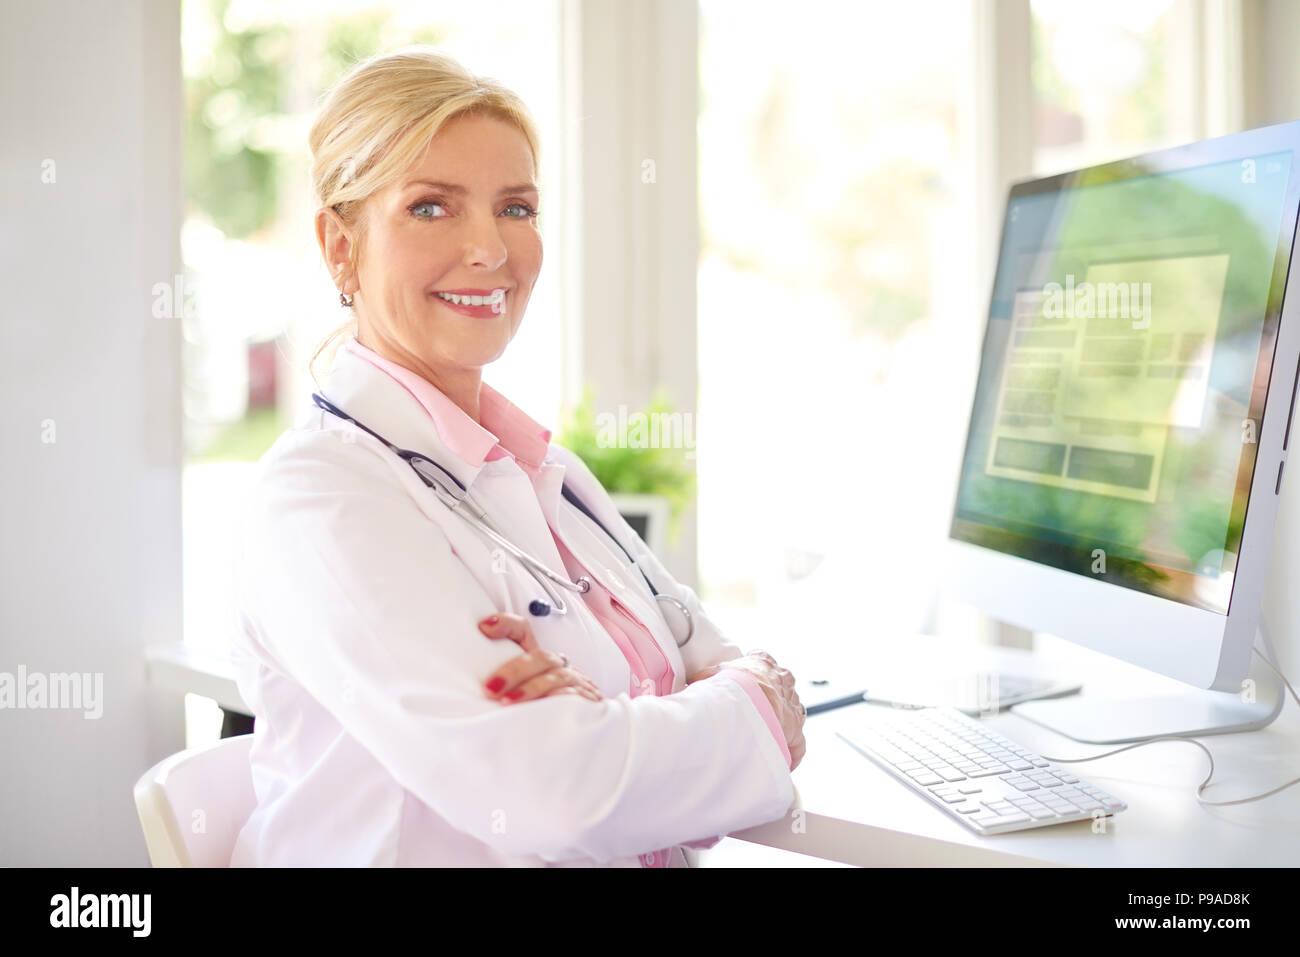 Bella donna sorridente ricerca medico seduto davanti al suo computer presso l'ufficio del medico e di lavoro. Immagini Stock